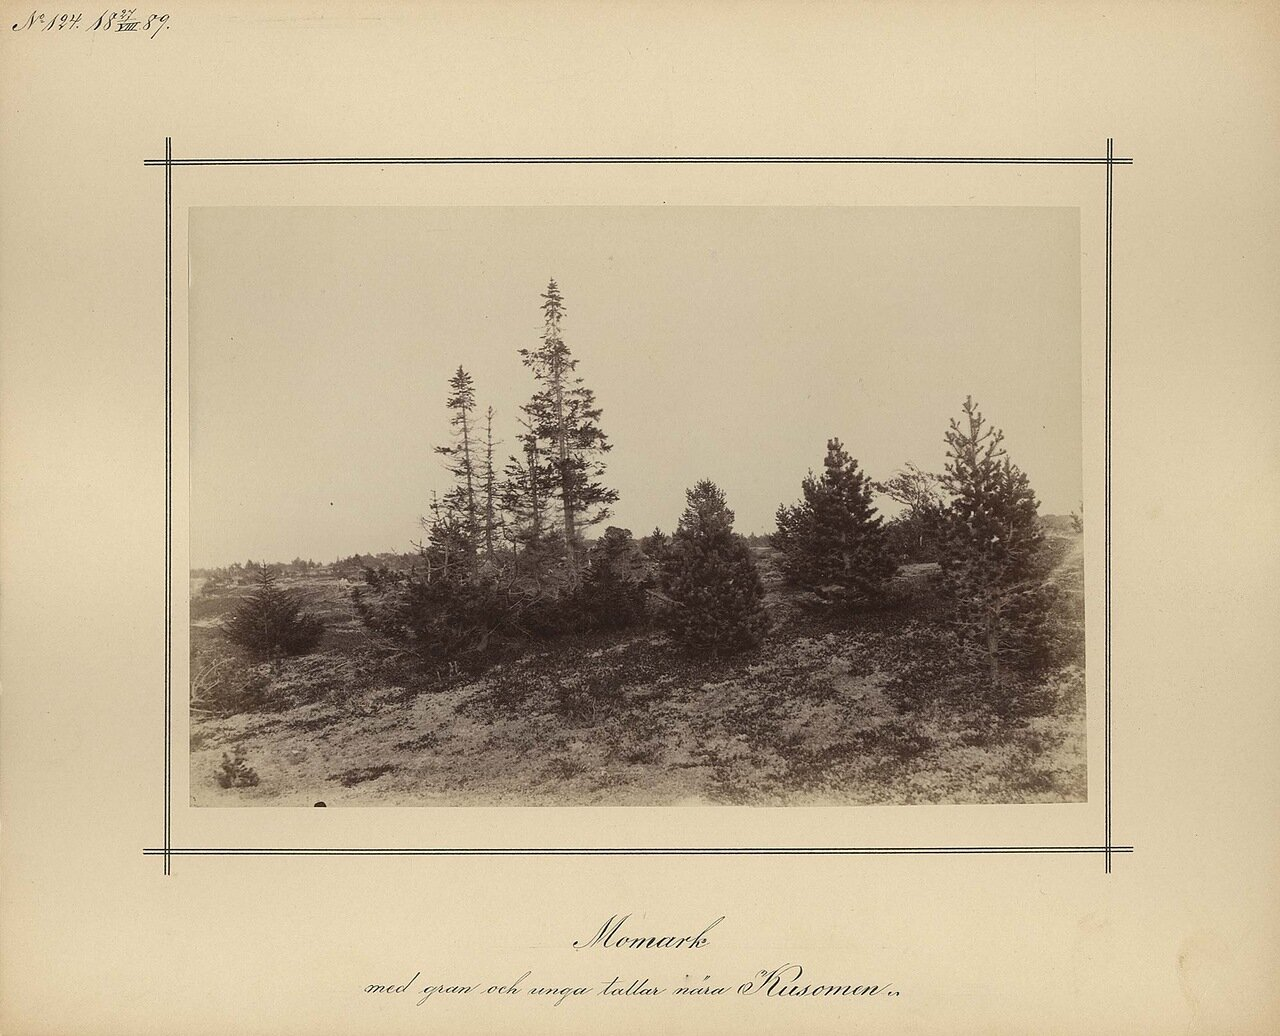 27.8.1889. Молодые сосны вблизи от Kusomenia